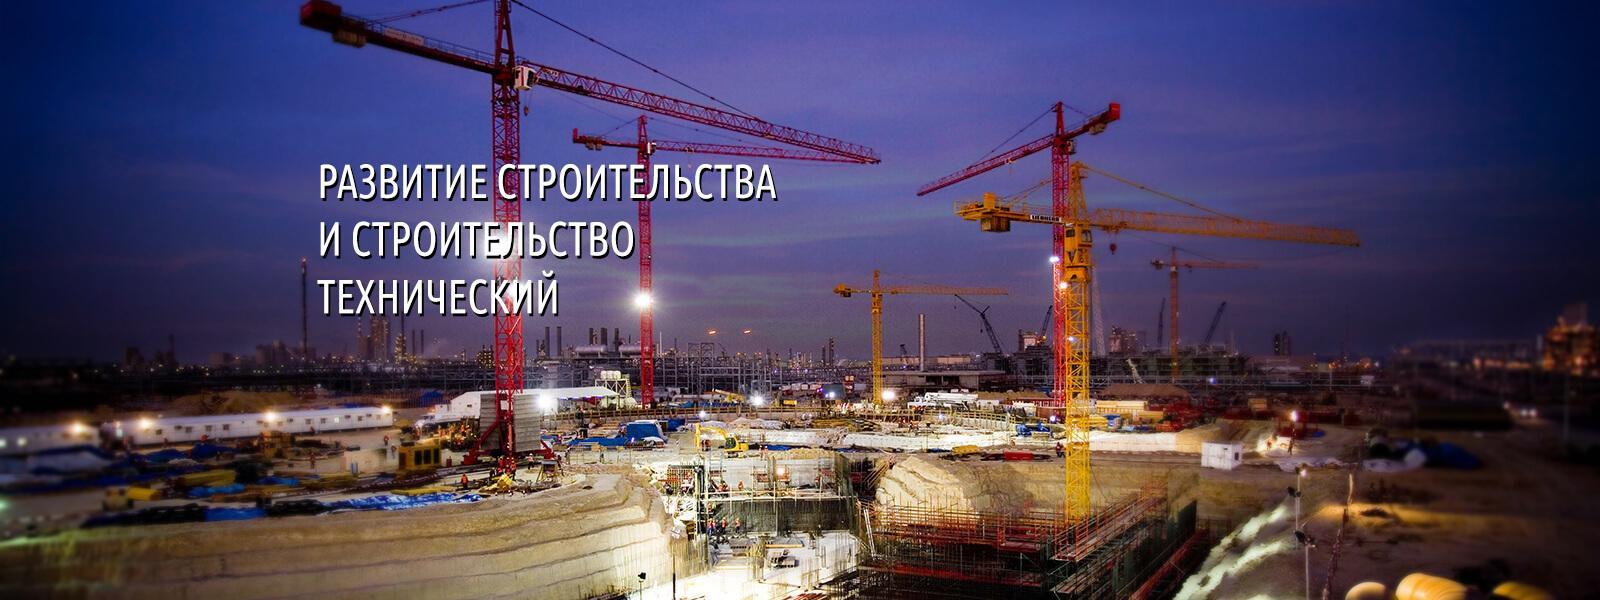 Мечтой и реальностью, воорбражением и тяжелым трудом, мы строим будущее